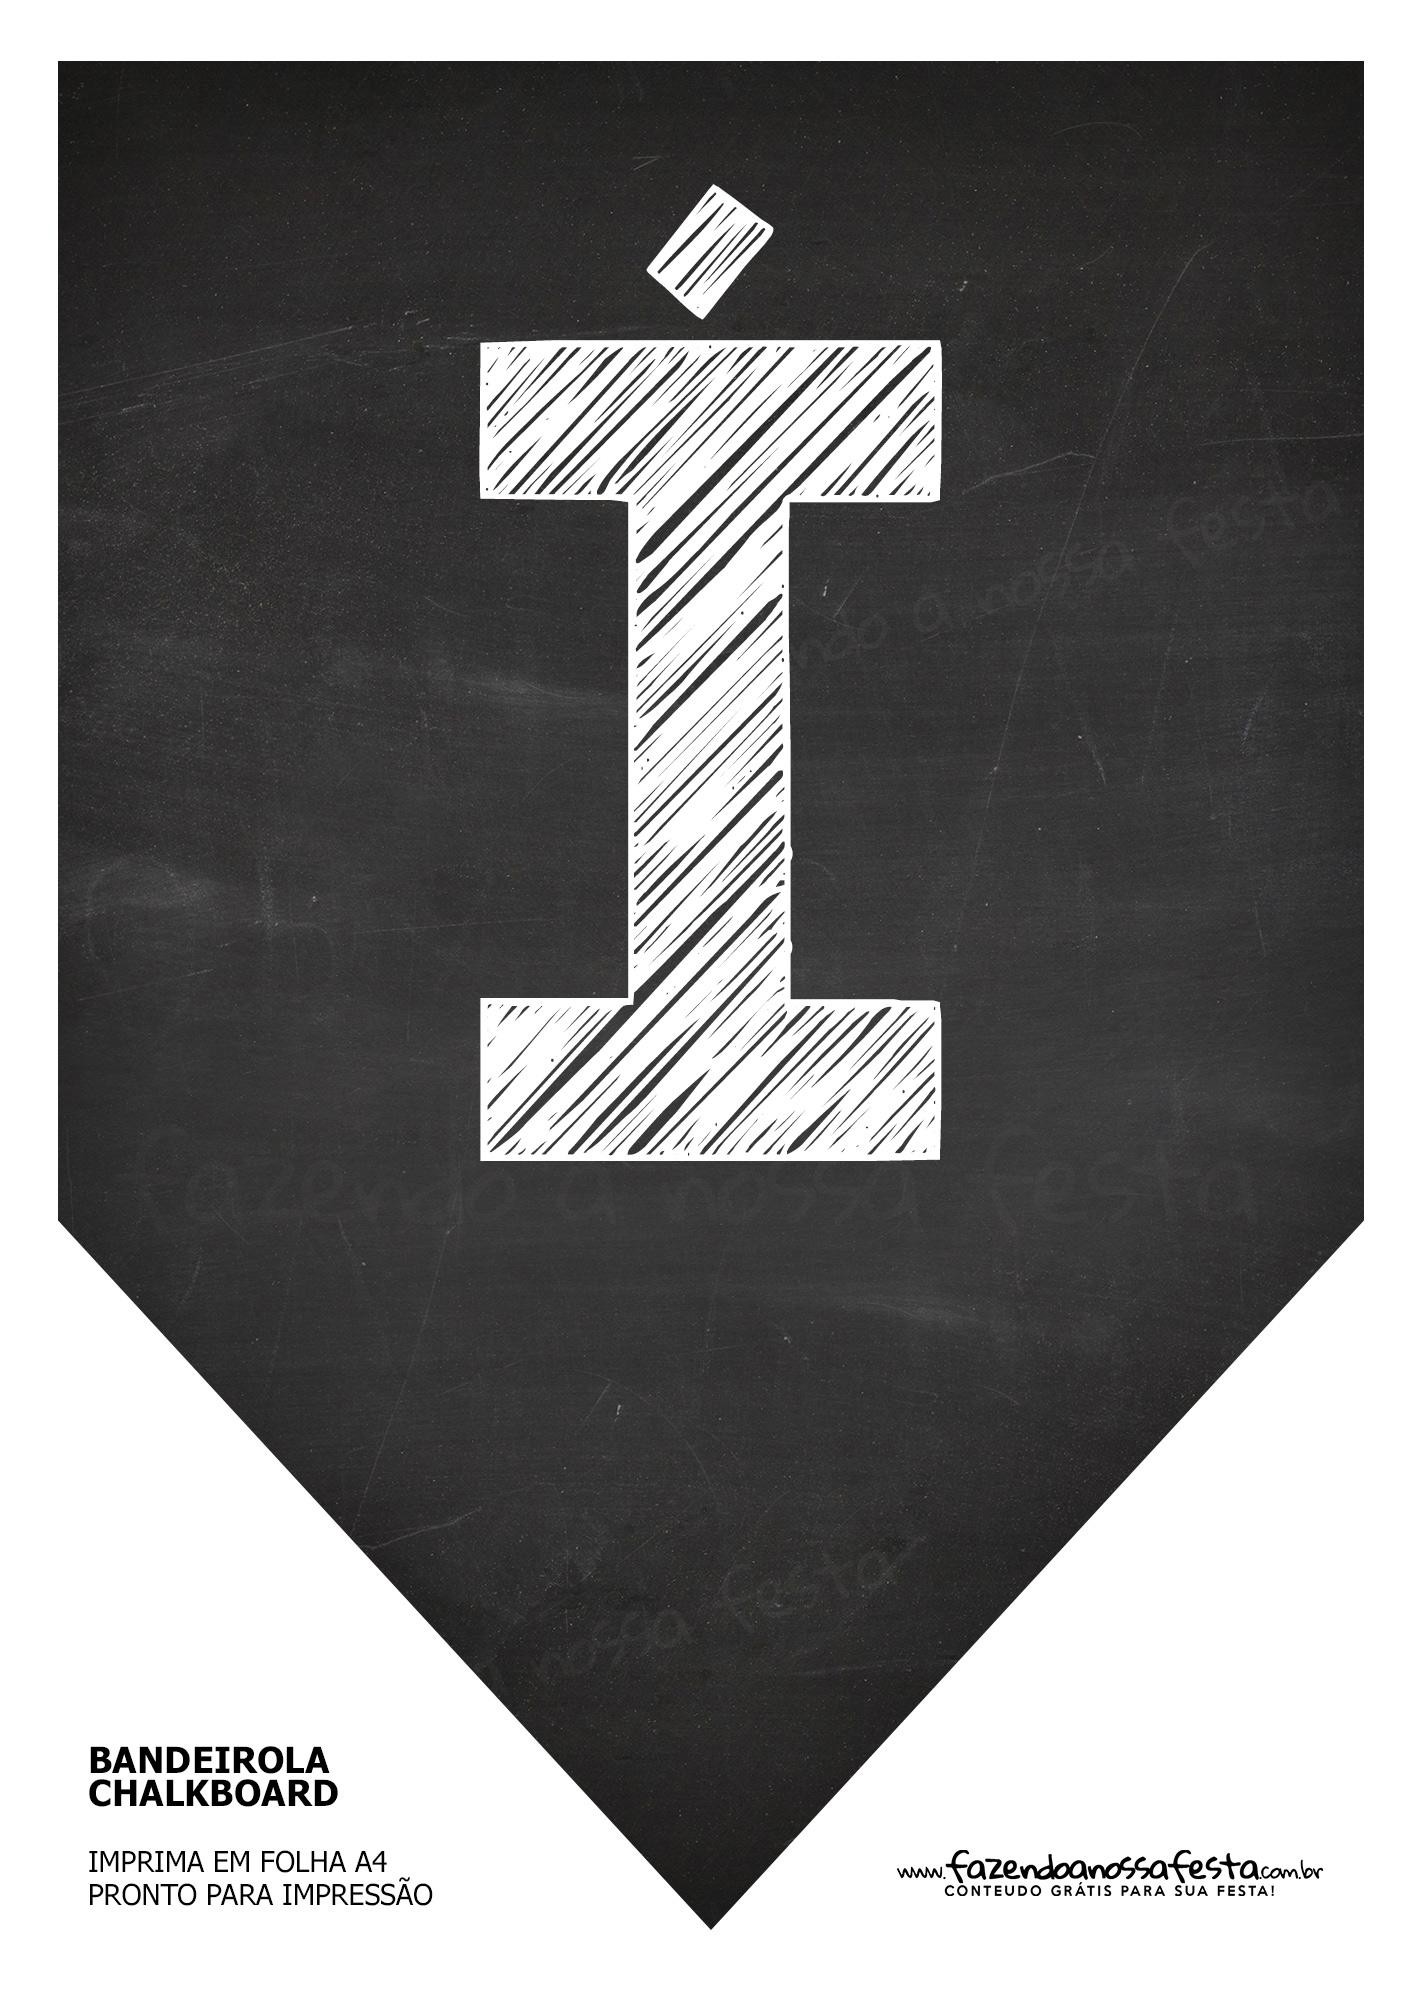 Bandeirinha Chalkboard í